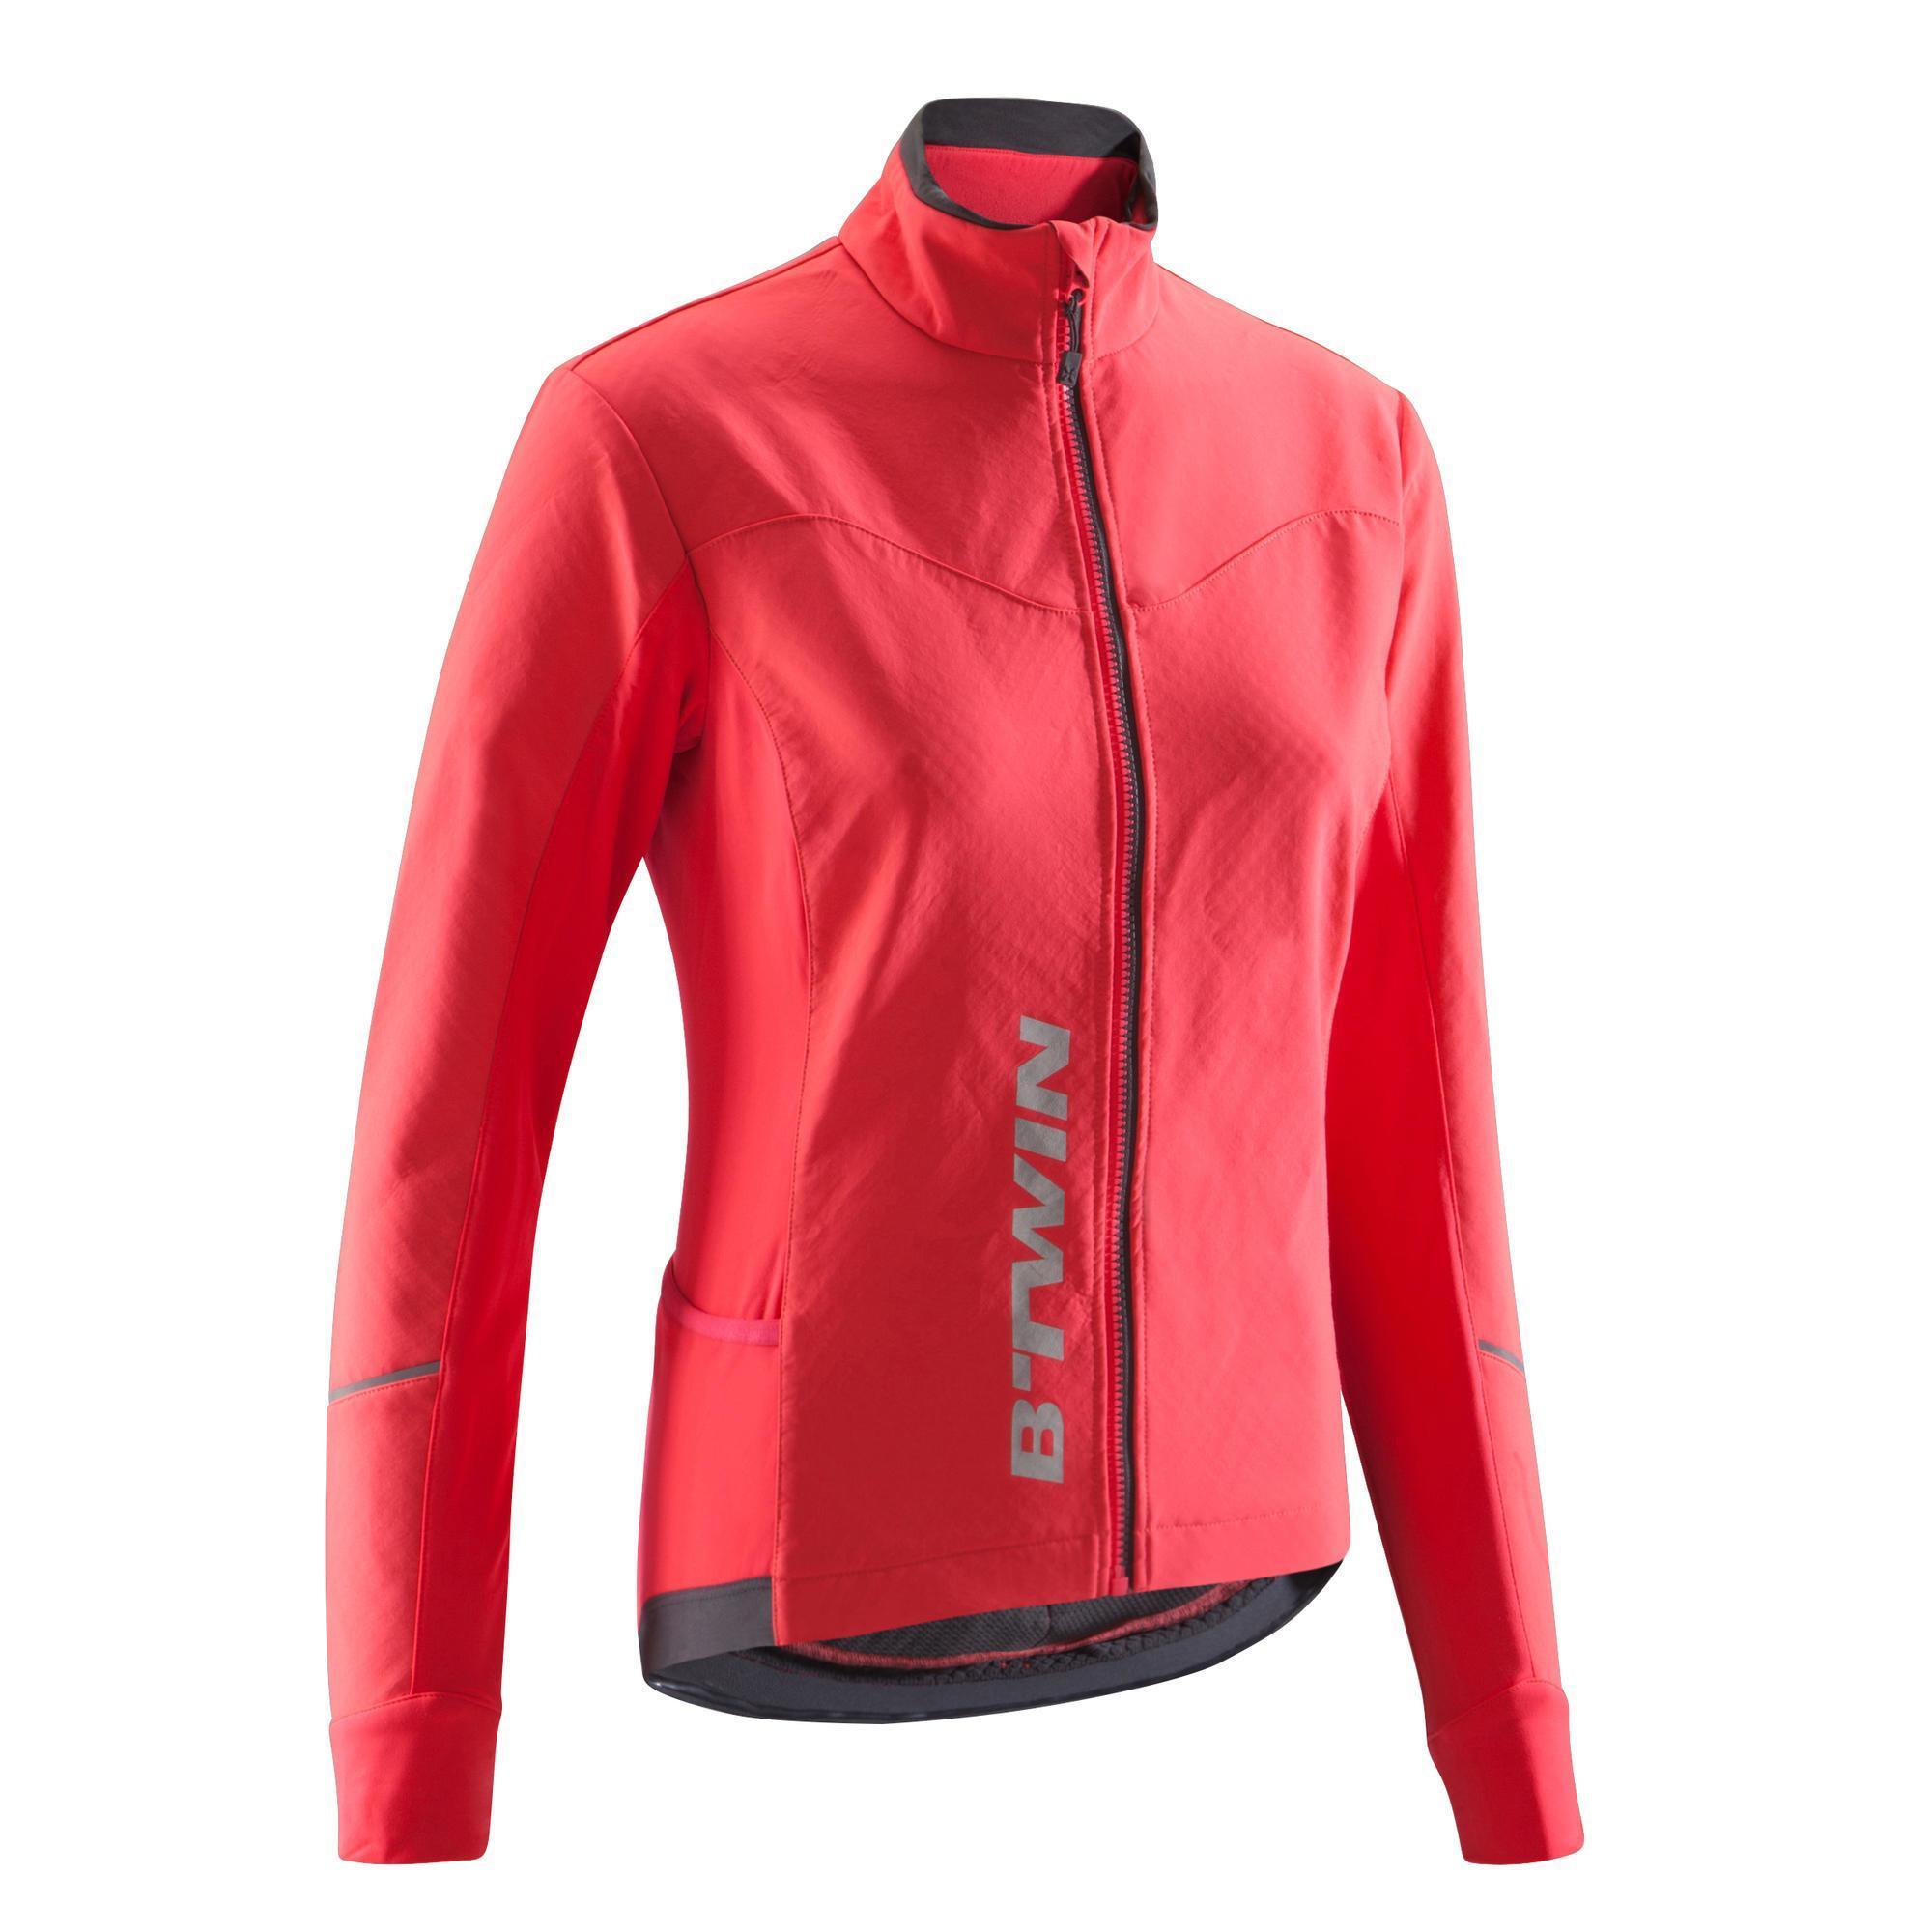 Fahrradjacke 500 Rennrad Damen rosa | Sportbekleidung > Sportjacken > Fahrradjacken | Rot - Rosa - Grau | B´twin